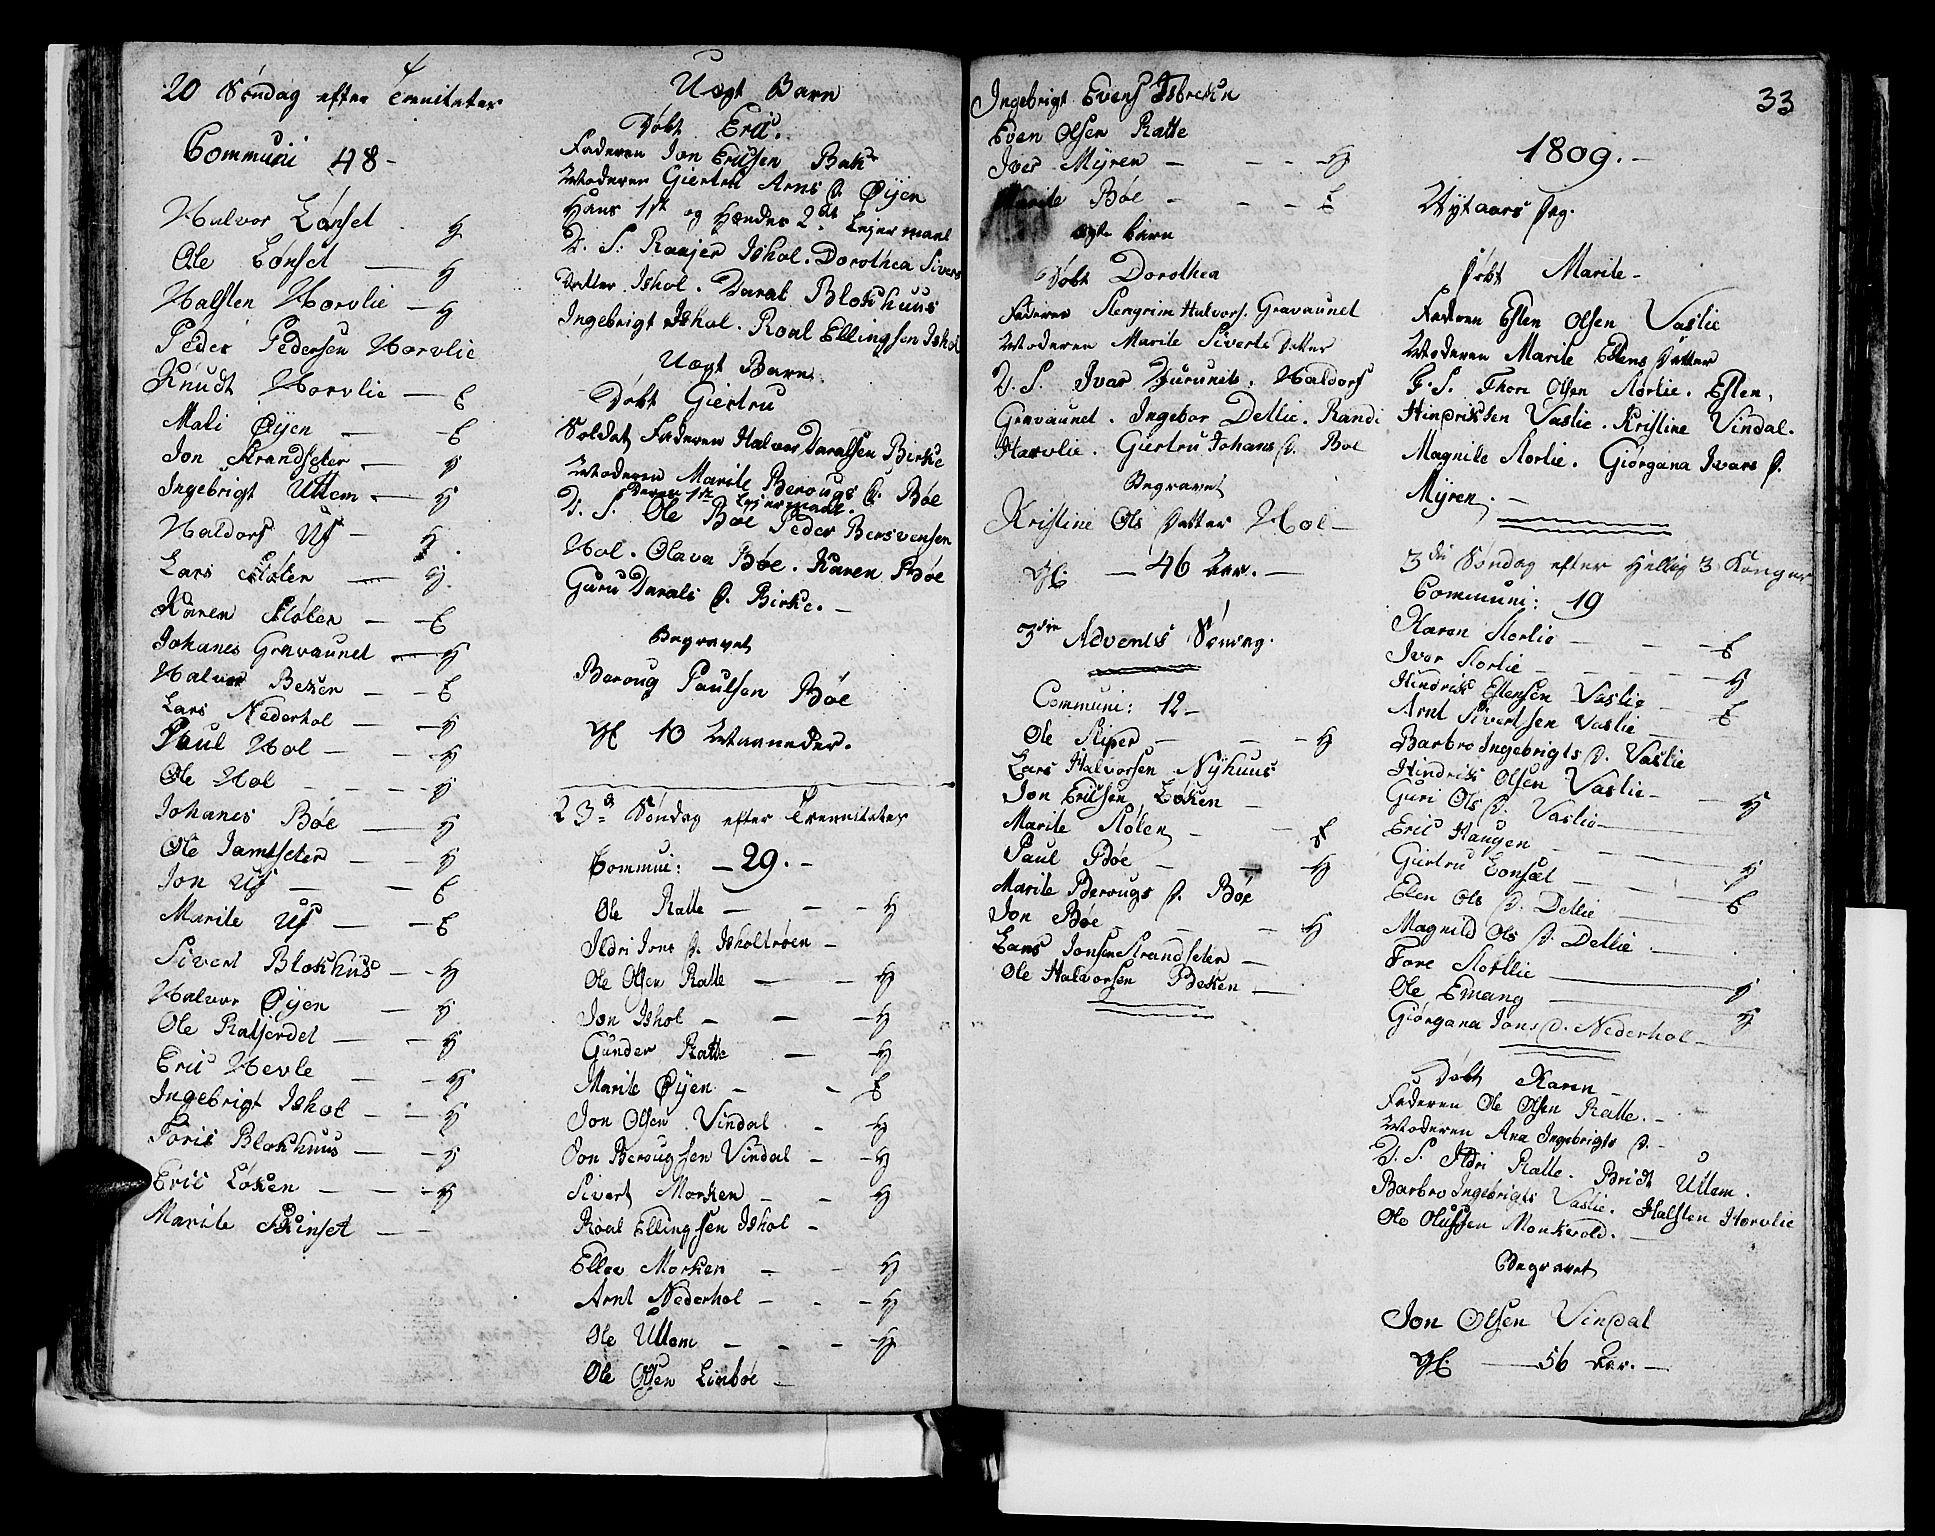 SAT, Ministerialprotokoller, klokkerbøker og fødselsregistre - Sør-Trøndelag, 679/L0921: Klokkerbok nr. 679C01, 1792-1840, s. 33